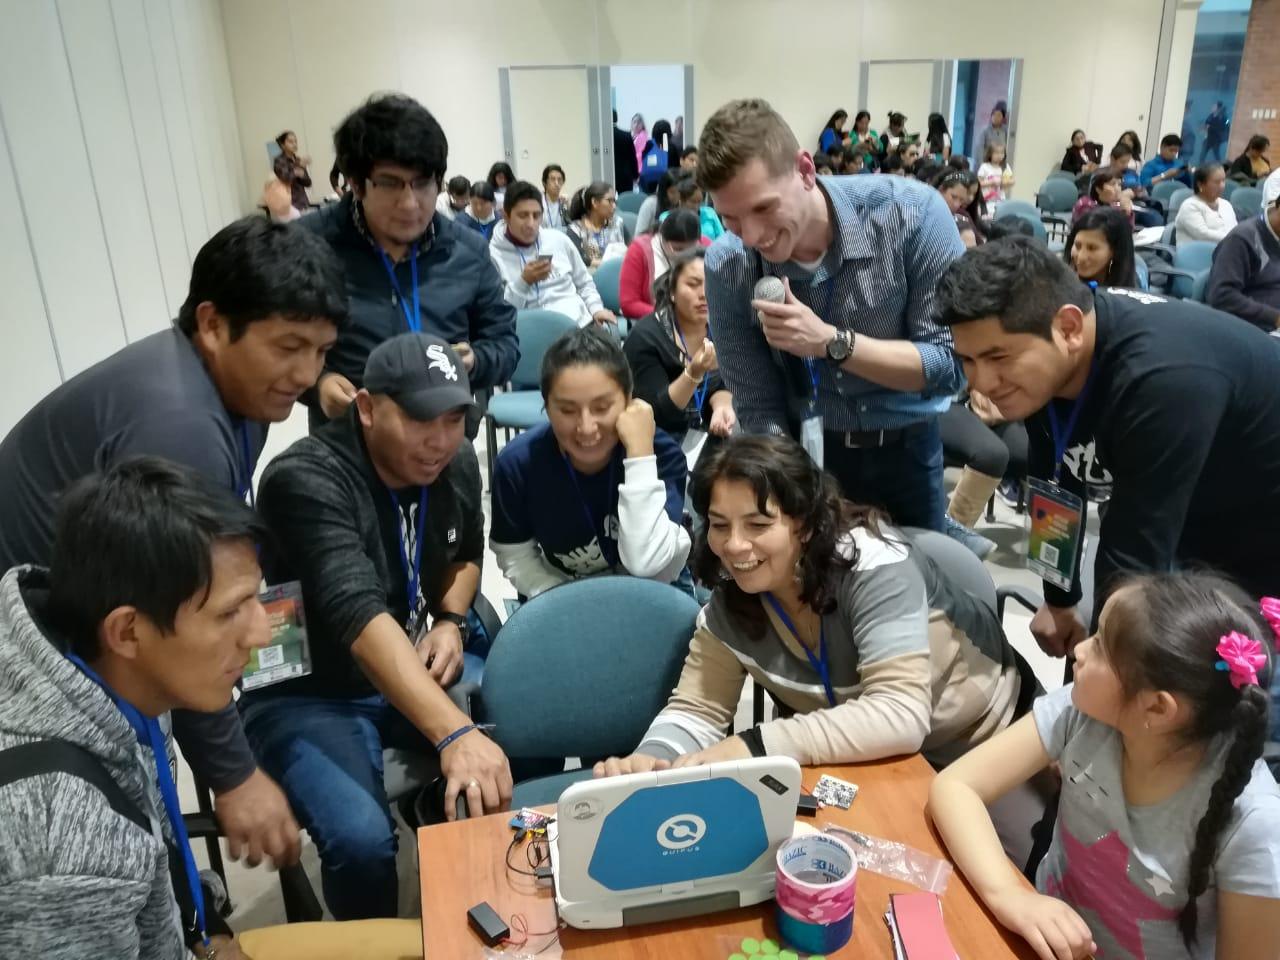 Bolivia 2019: comienza Virtual Educa con miles de participantes